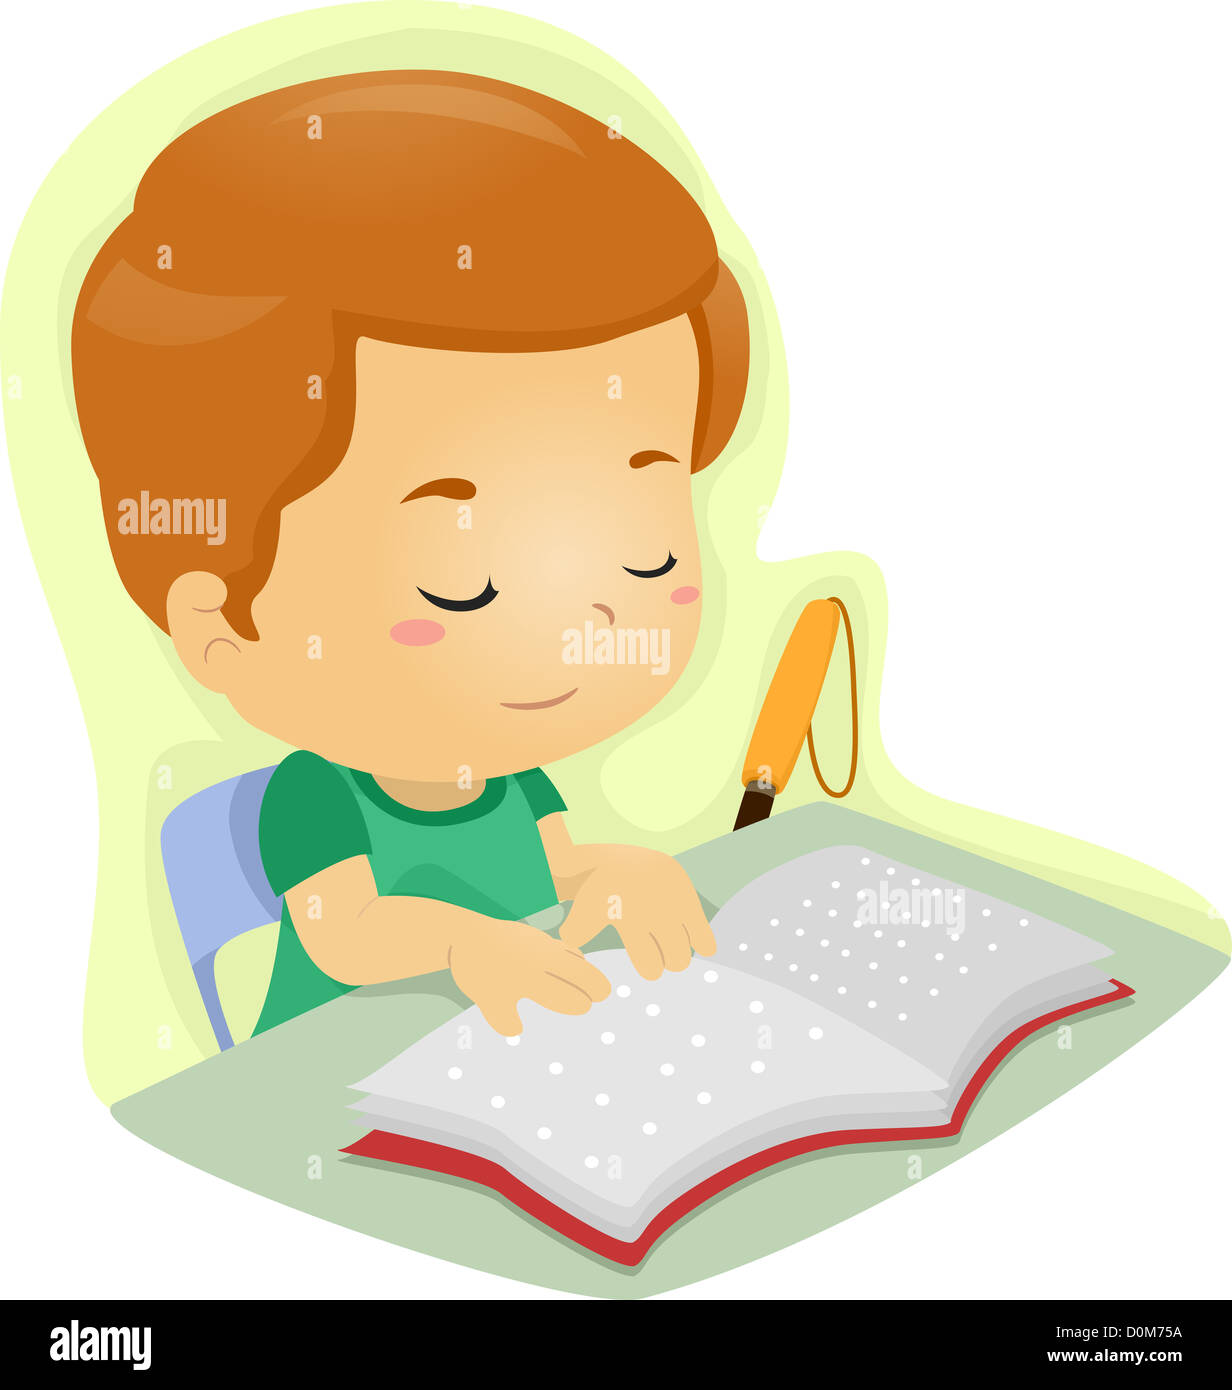 Illustration D Un Garcon Aveugle De Lire Un Livre Ecrit En